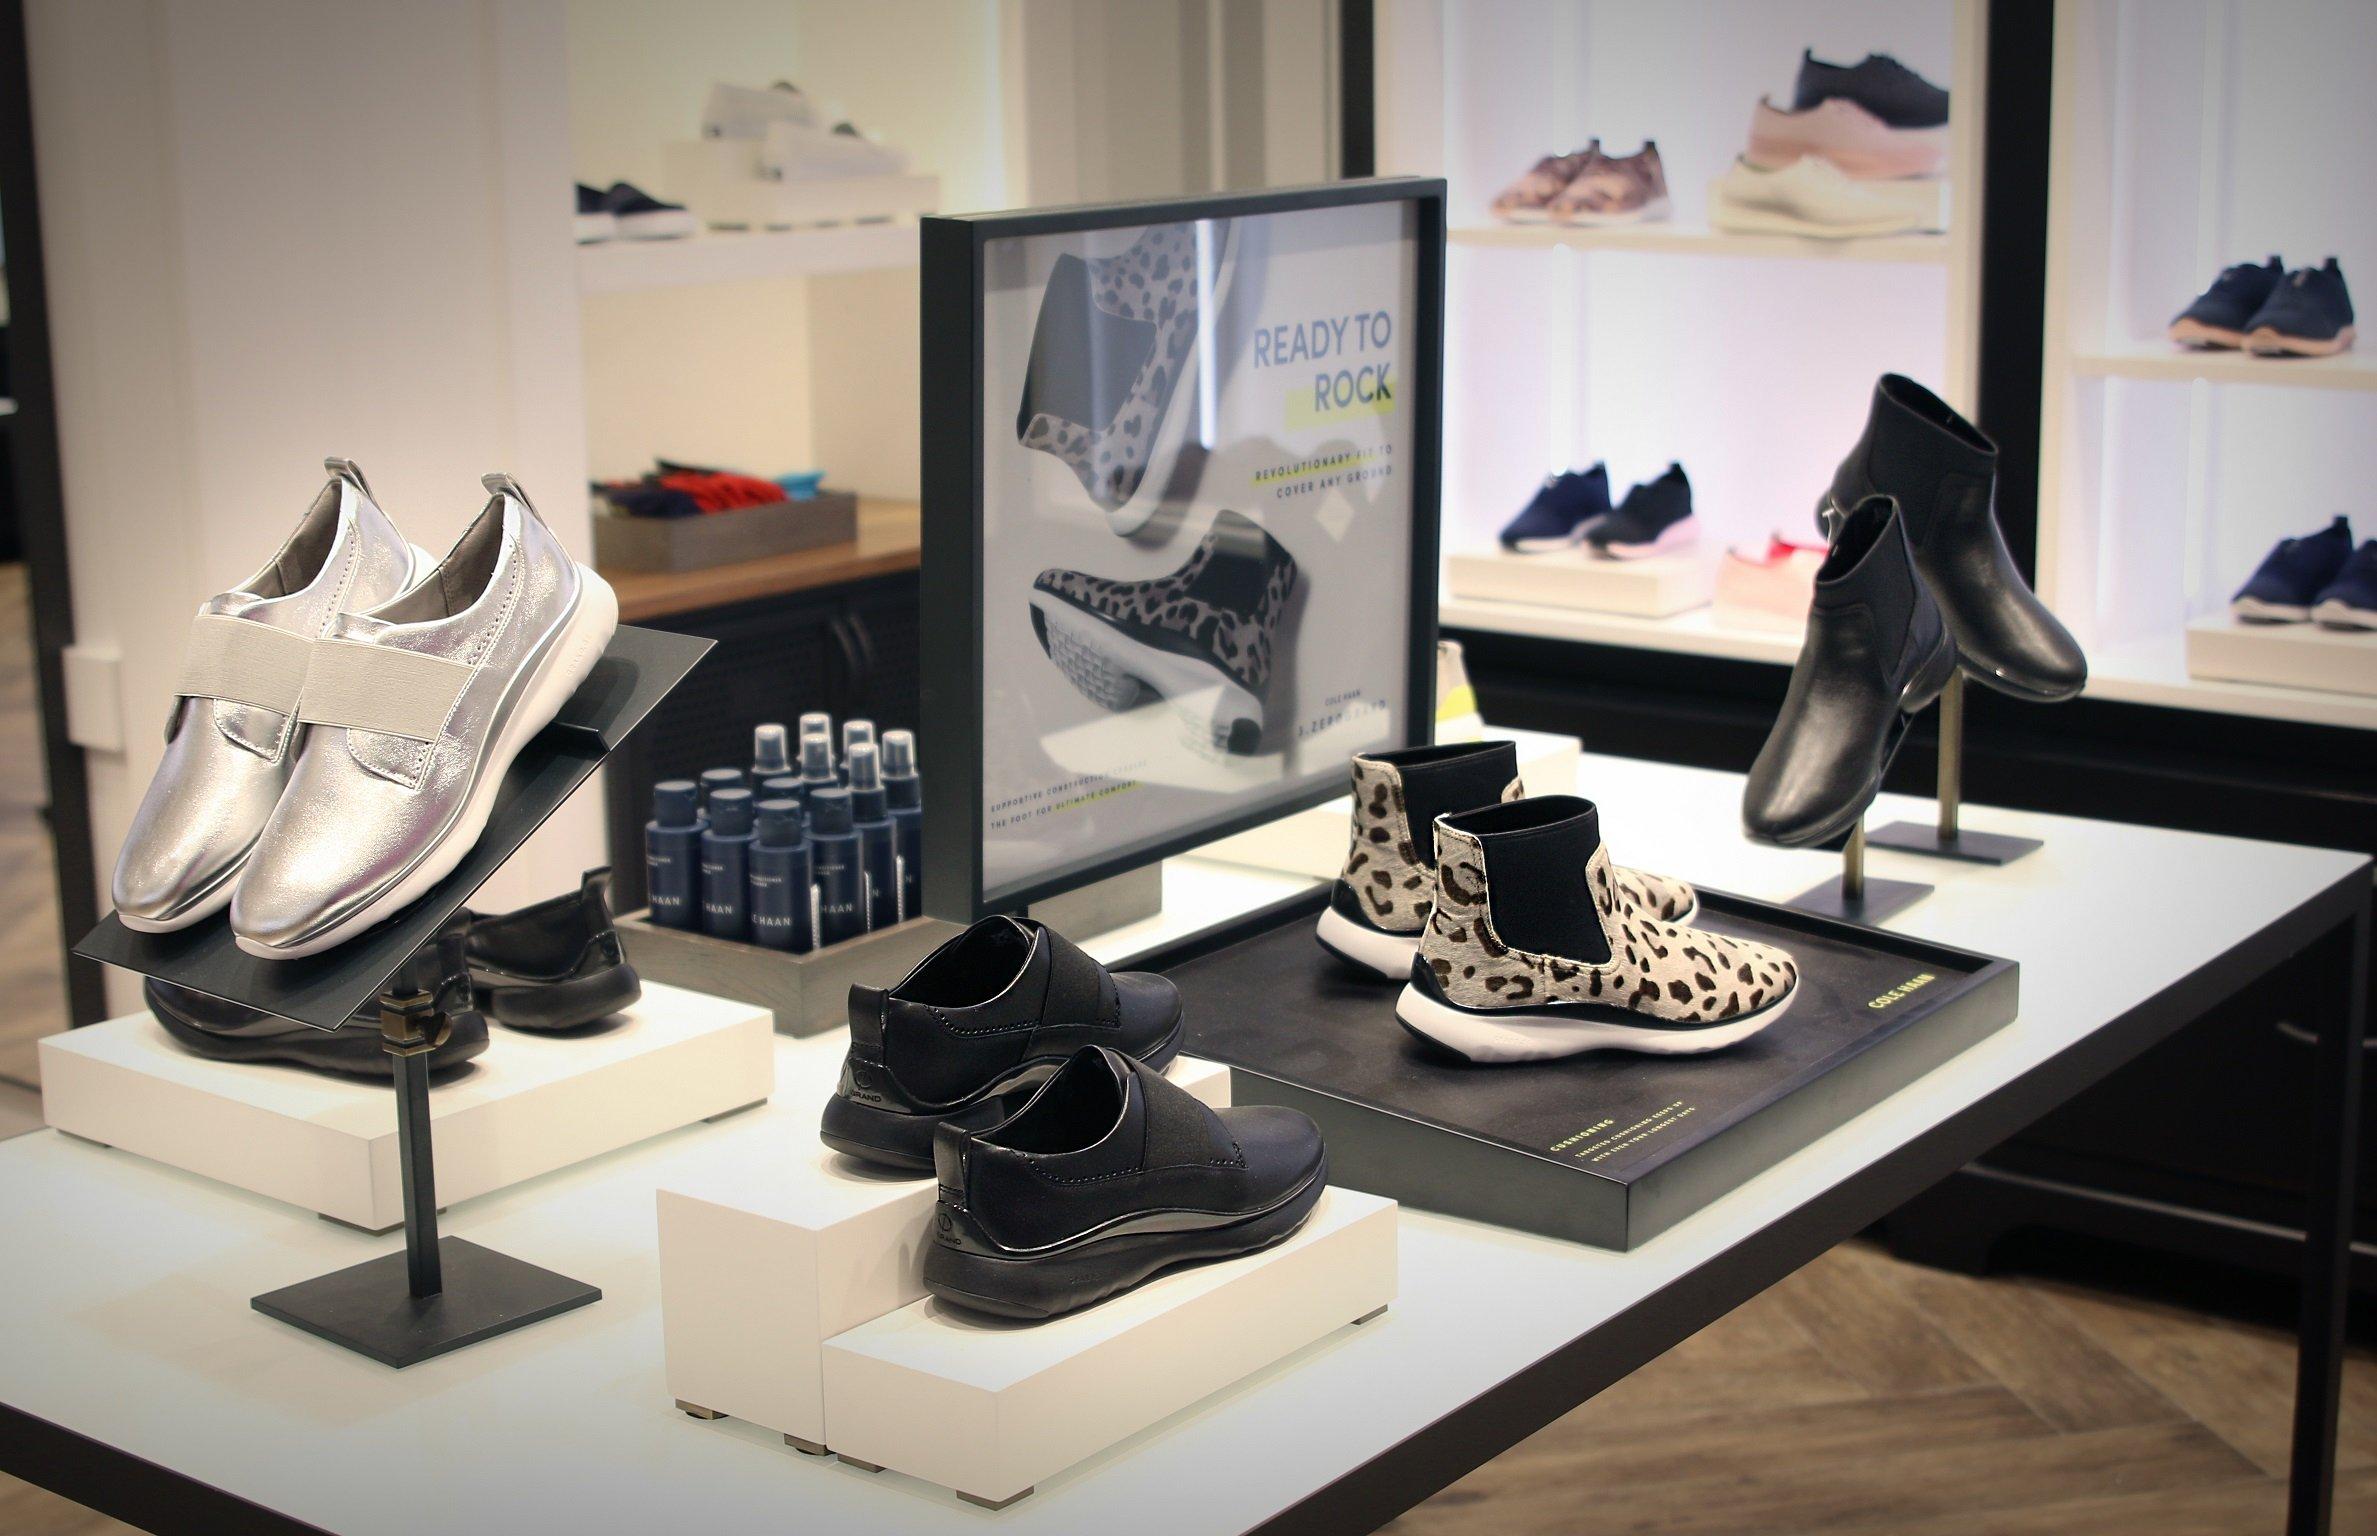 28615a5f0 سيضمّ المتجر المجموعة الحديثة للجيل الجديد من الأحذية النسائية والرجالية من  موديل